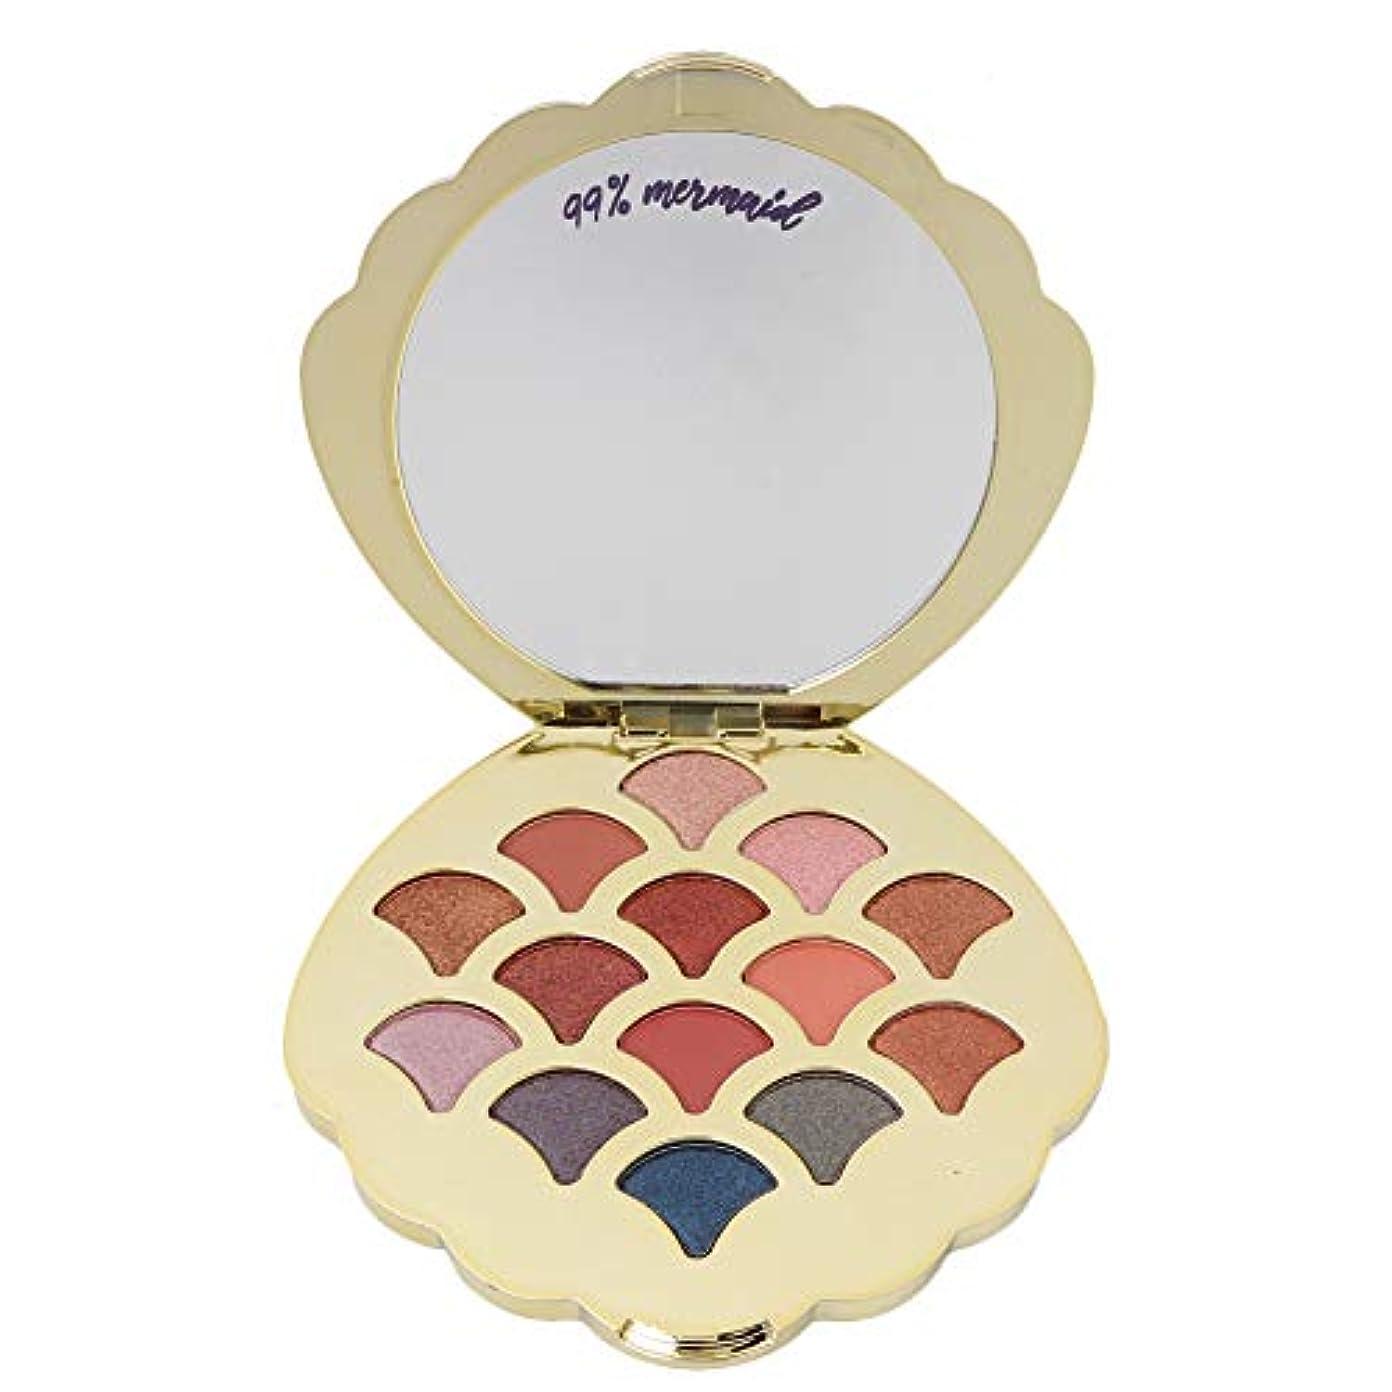 スキャンダラス部分的にリールアイシャドウパレット 14色 アイシャドウパレット 化粧マット グロス アイシャドウパウダー 化粧品ツール